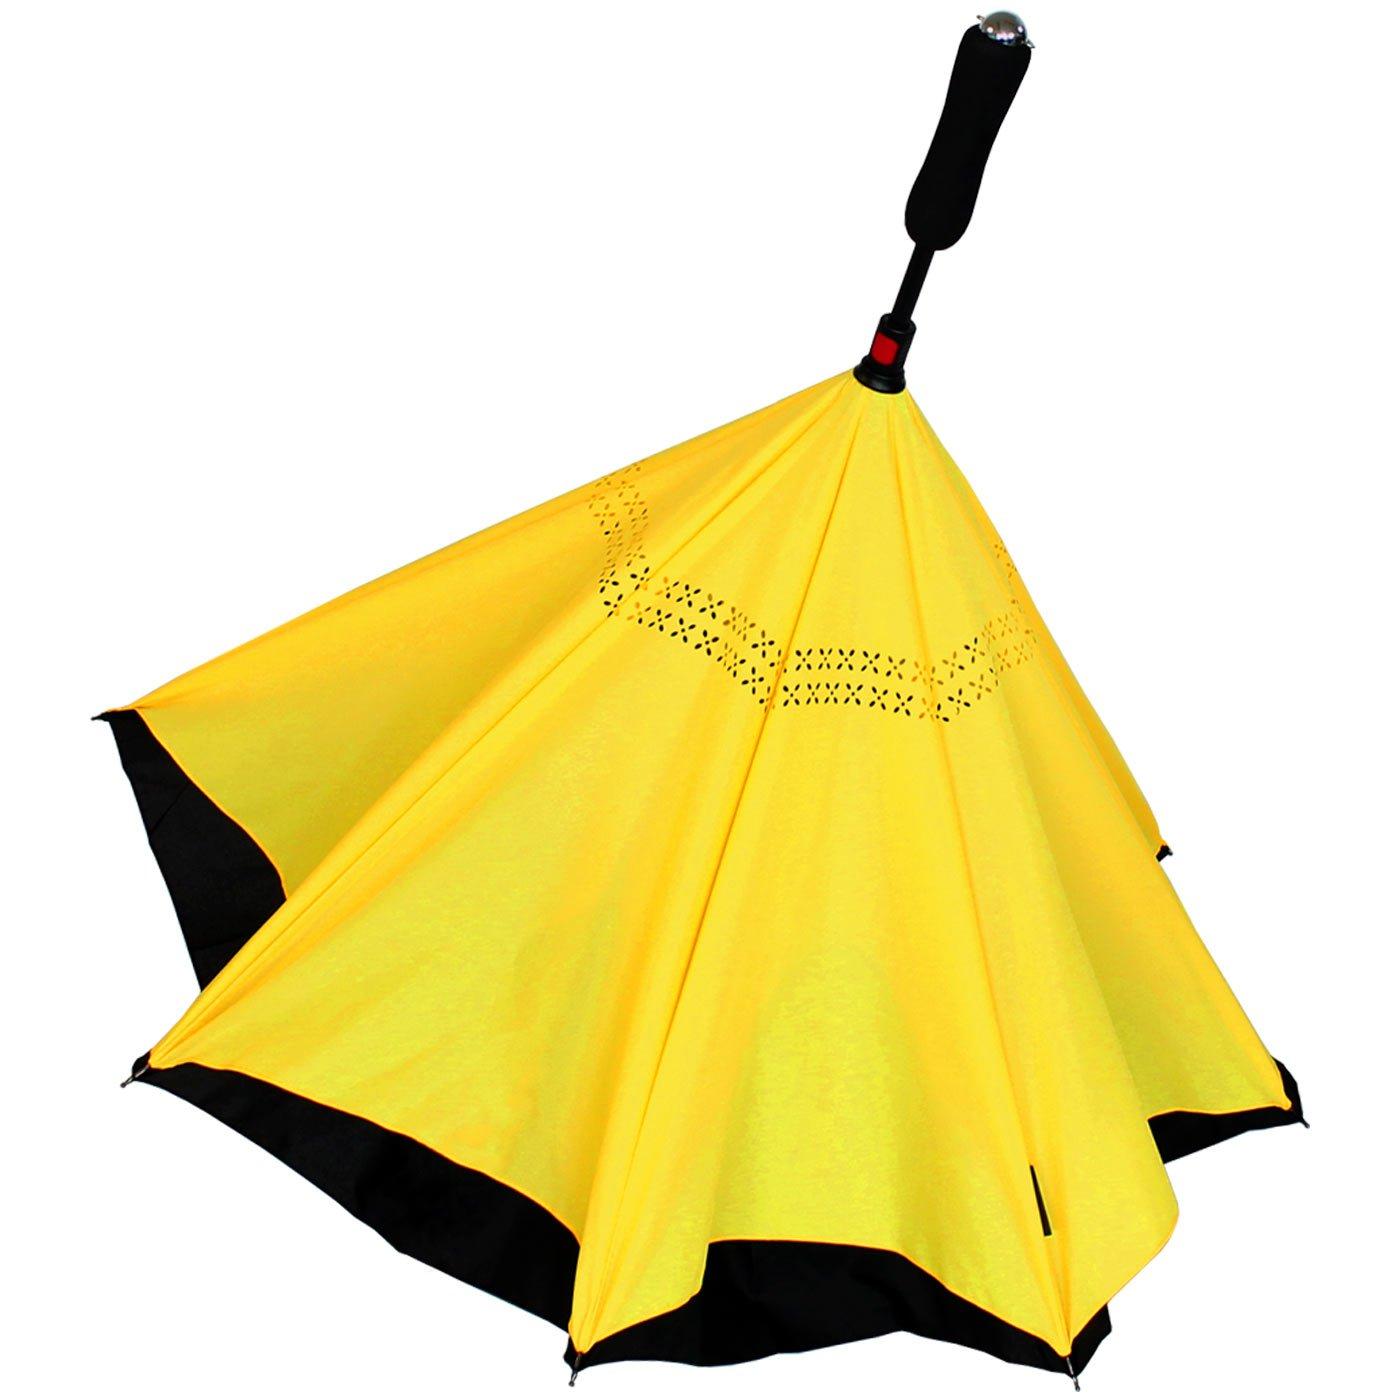 iX-brella Reverse-Neon, Parapluie cannes  noir noir 106 cm